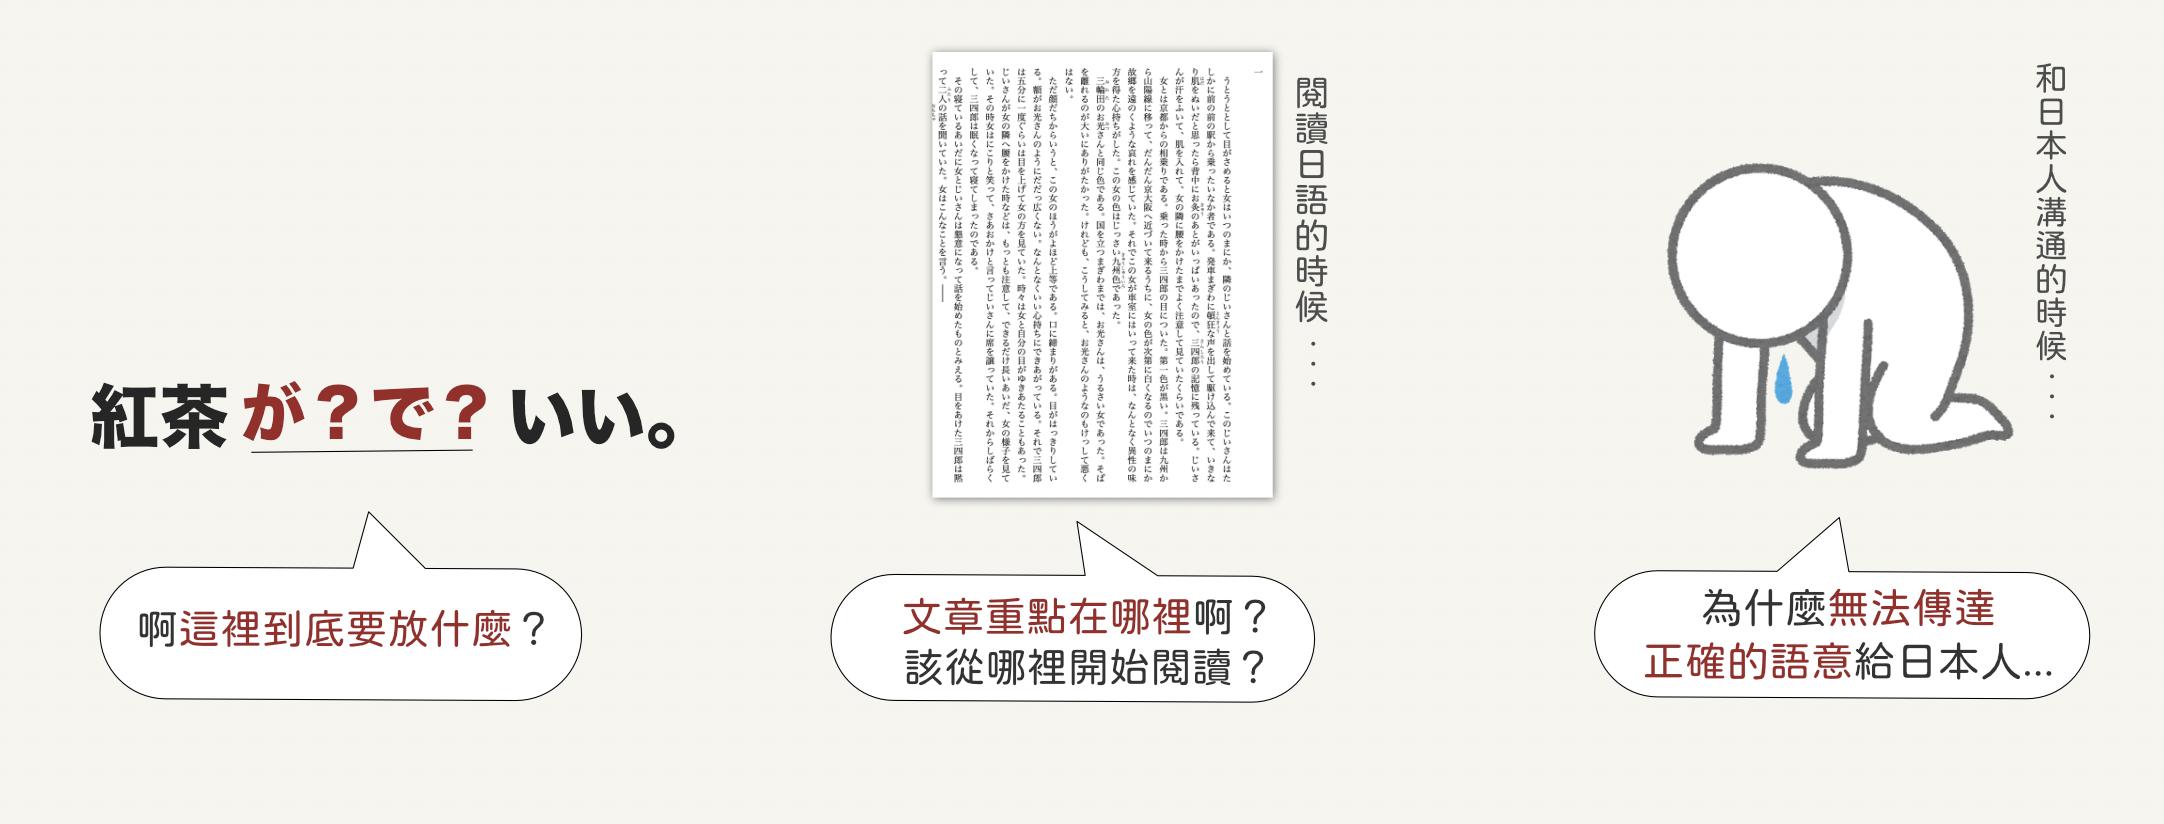 日文助詞學習